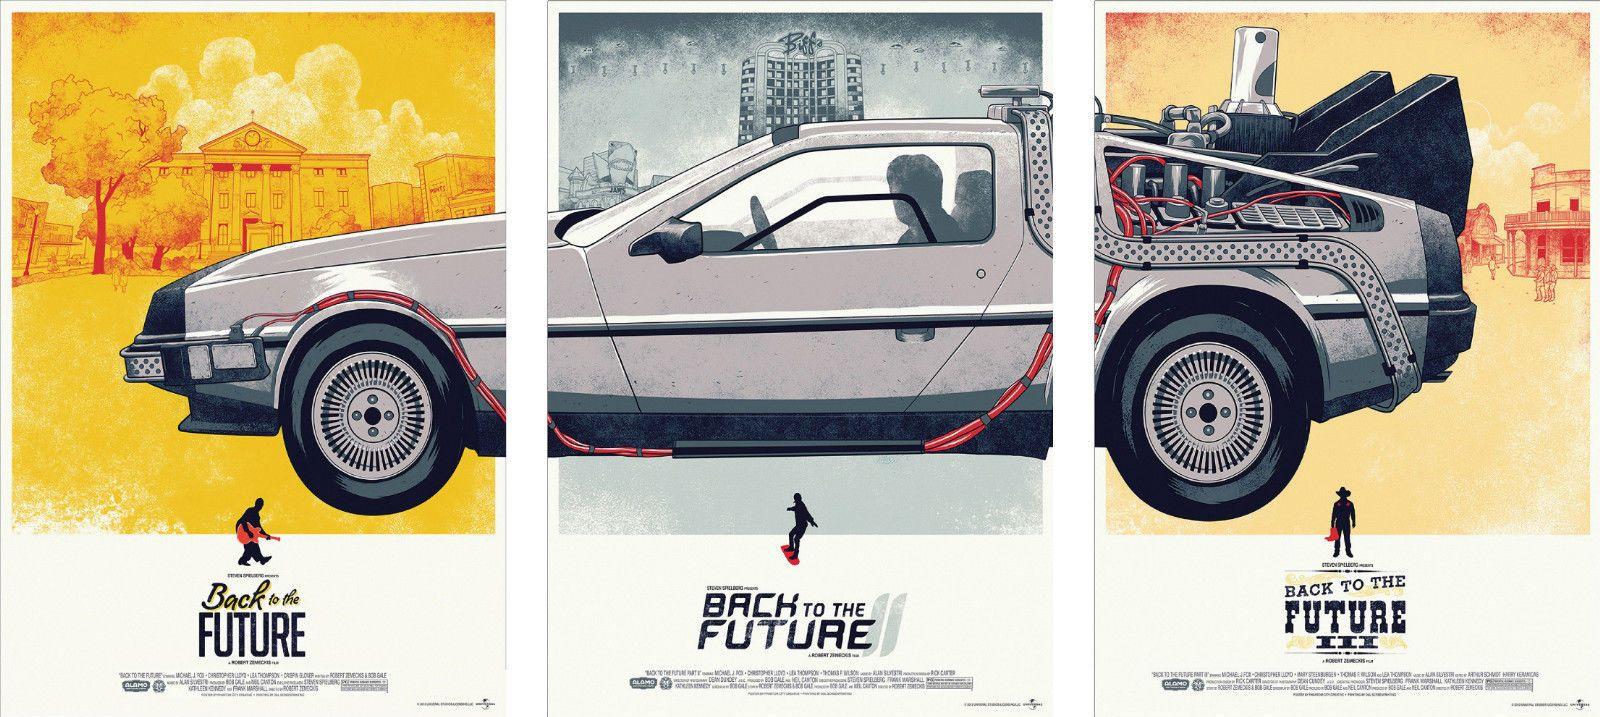 BACK TO THE FUTURE 3 DELOREAN DESIGN MOVIE POSTER FILM A4 A3 PRINT CINEMA